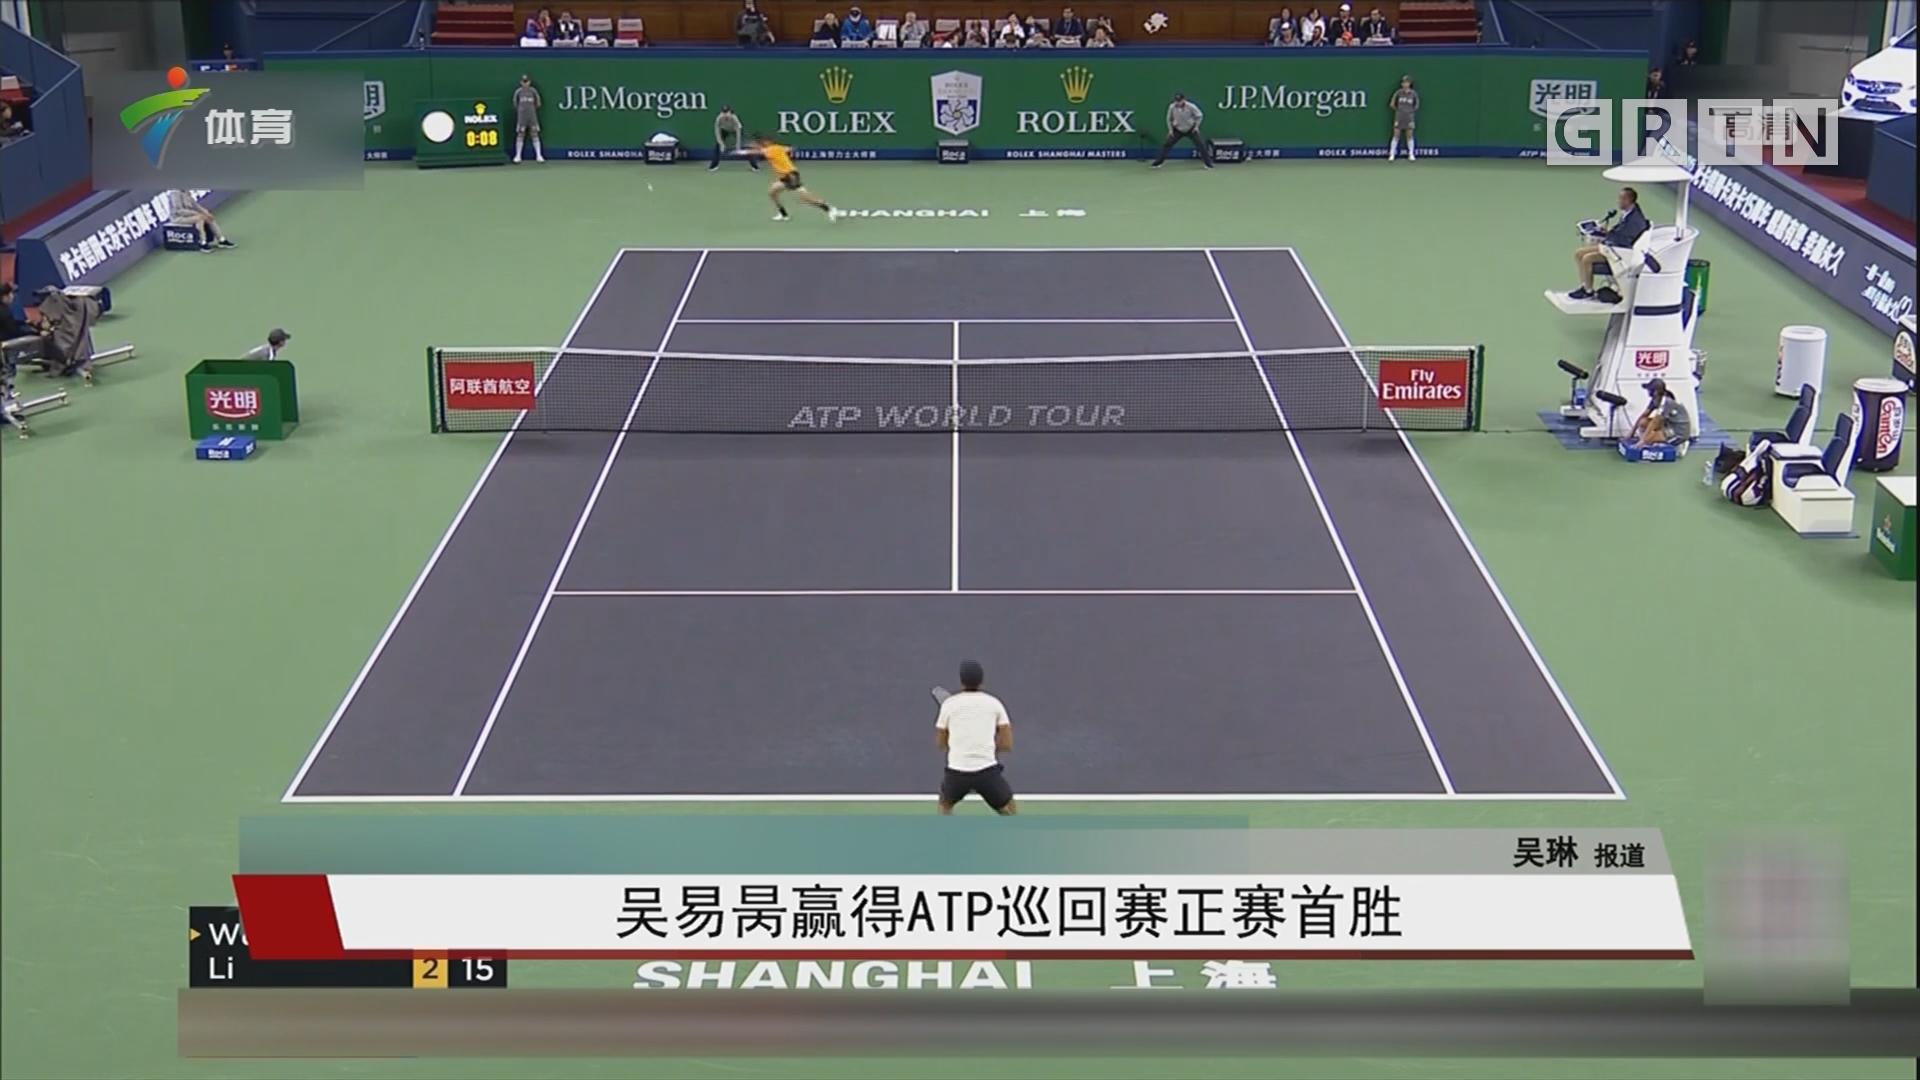 吴易昺赢得ATP巡回赛正赛首胜